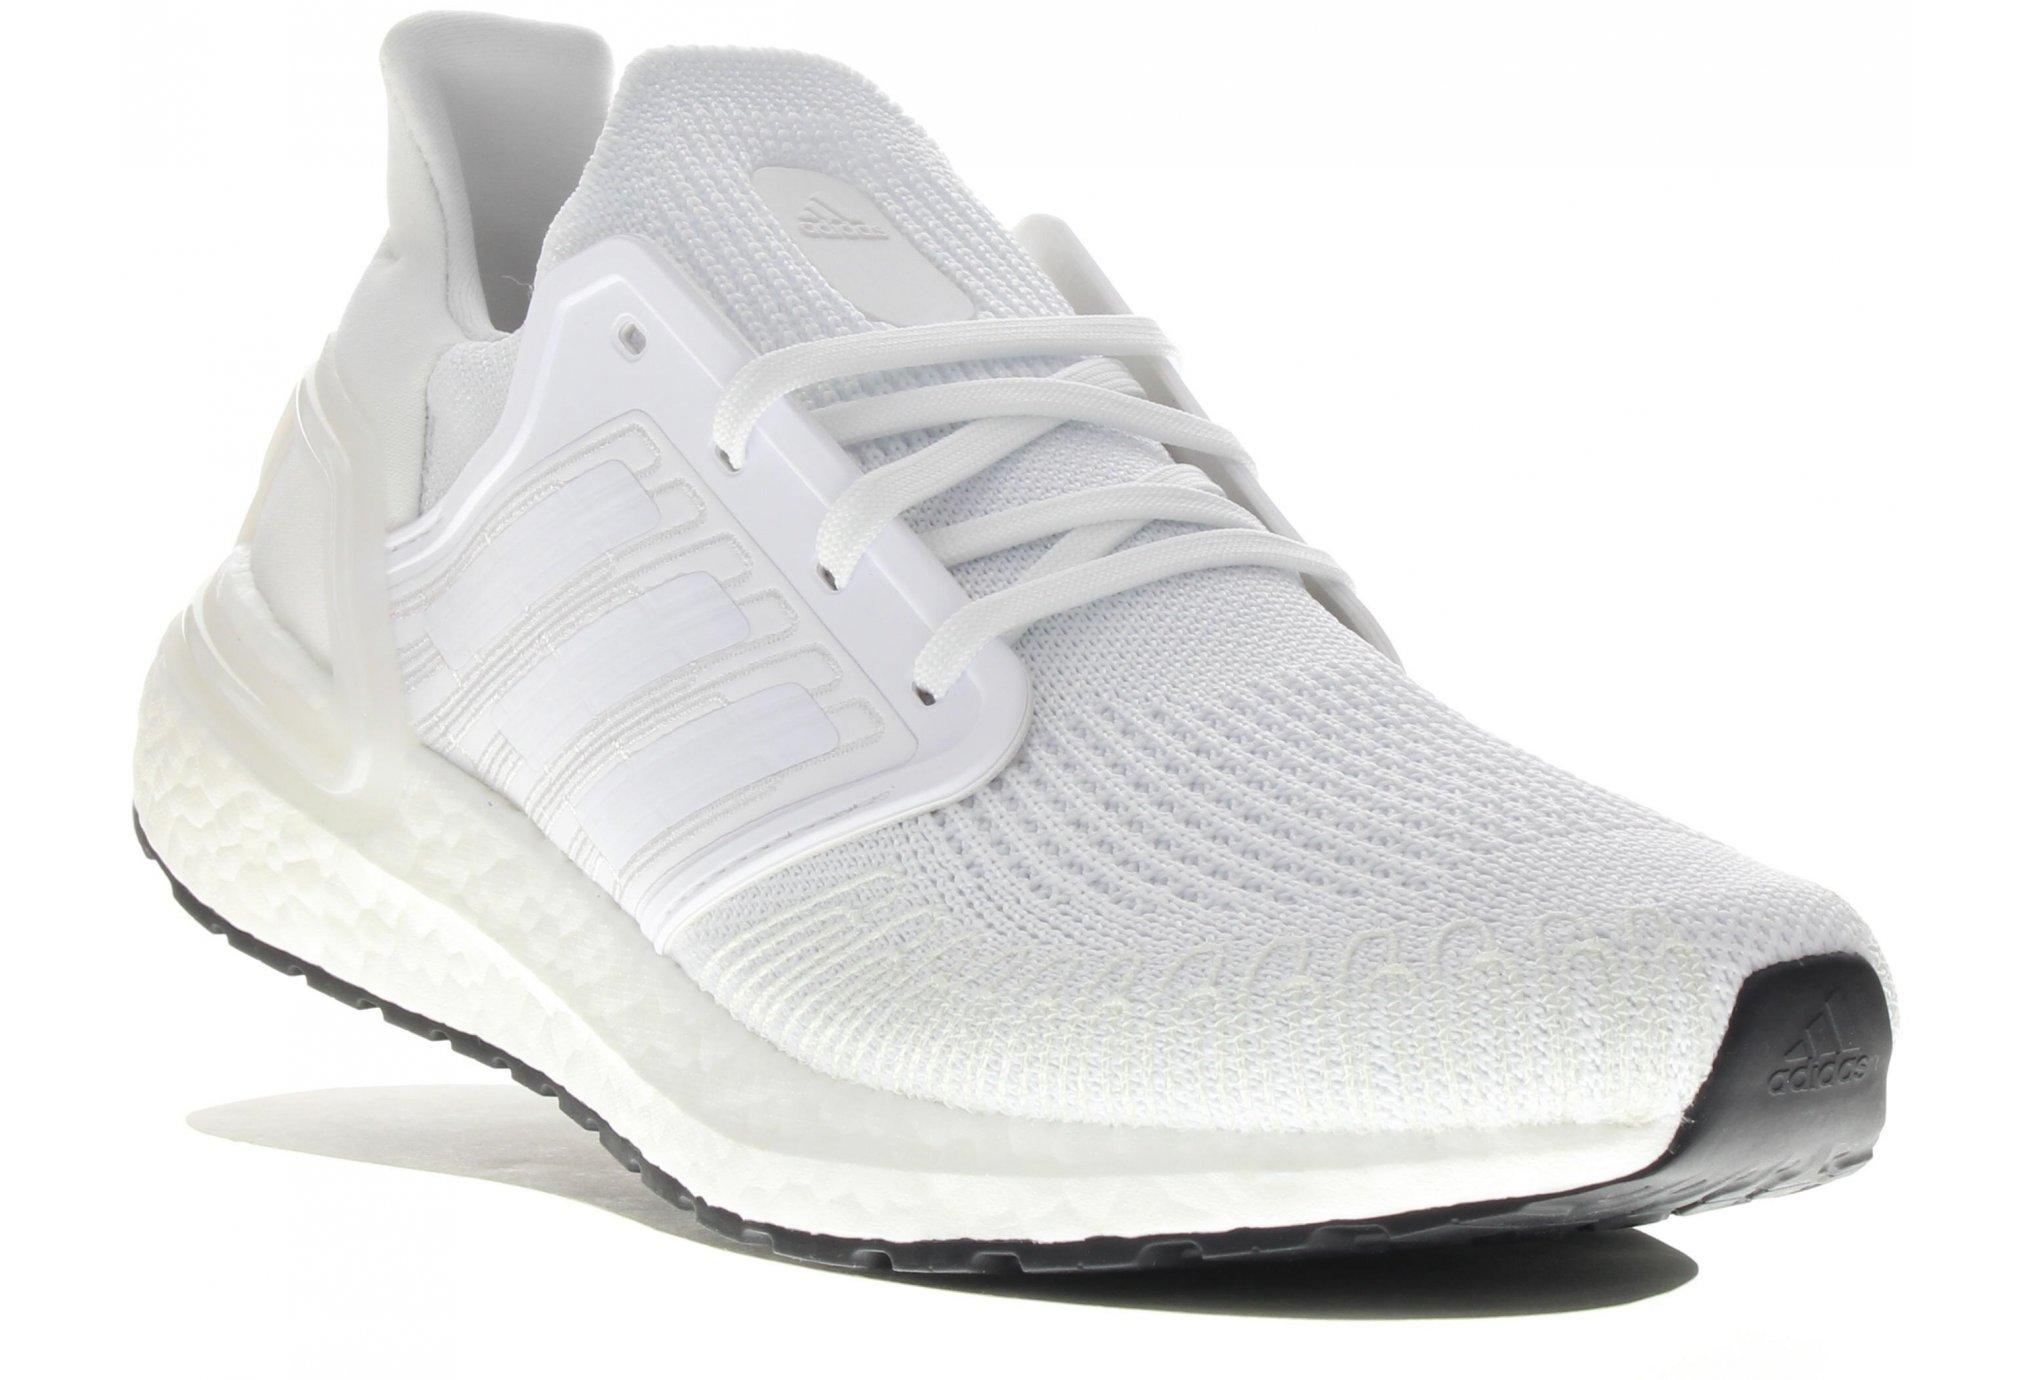 adidas UltraBOOST 20 W Chaussures running femme